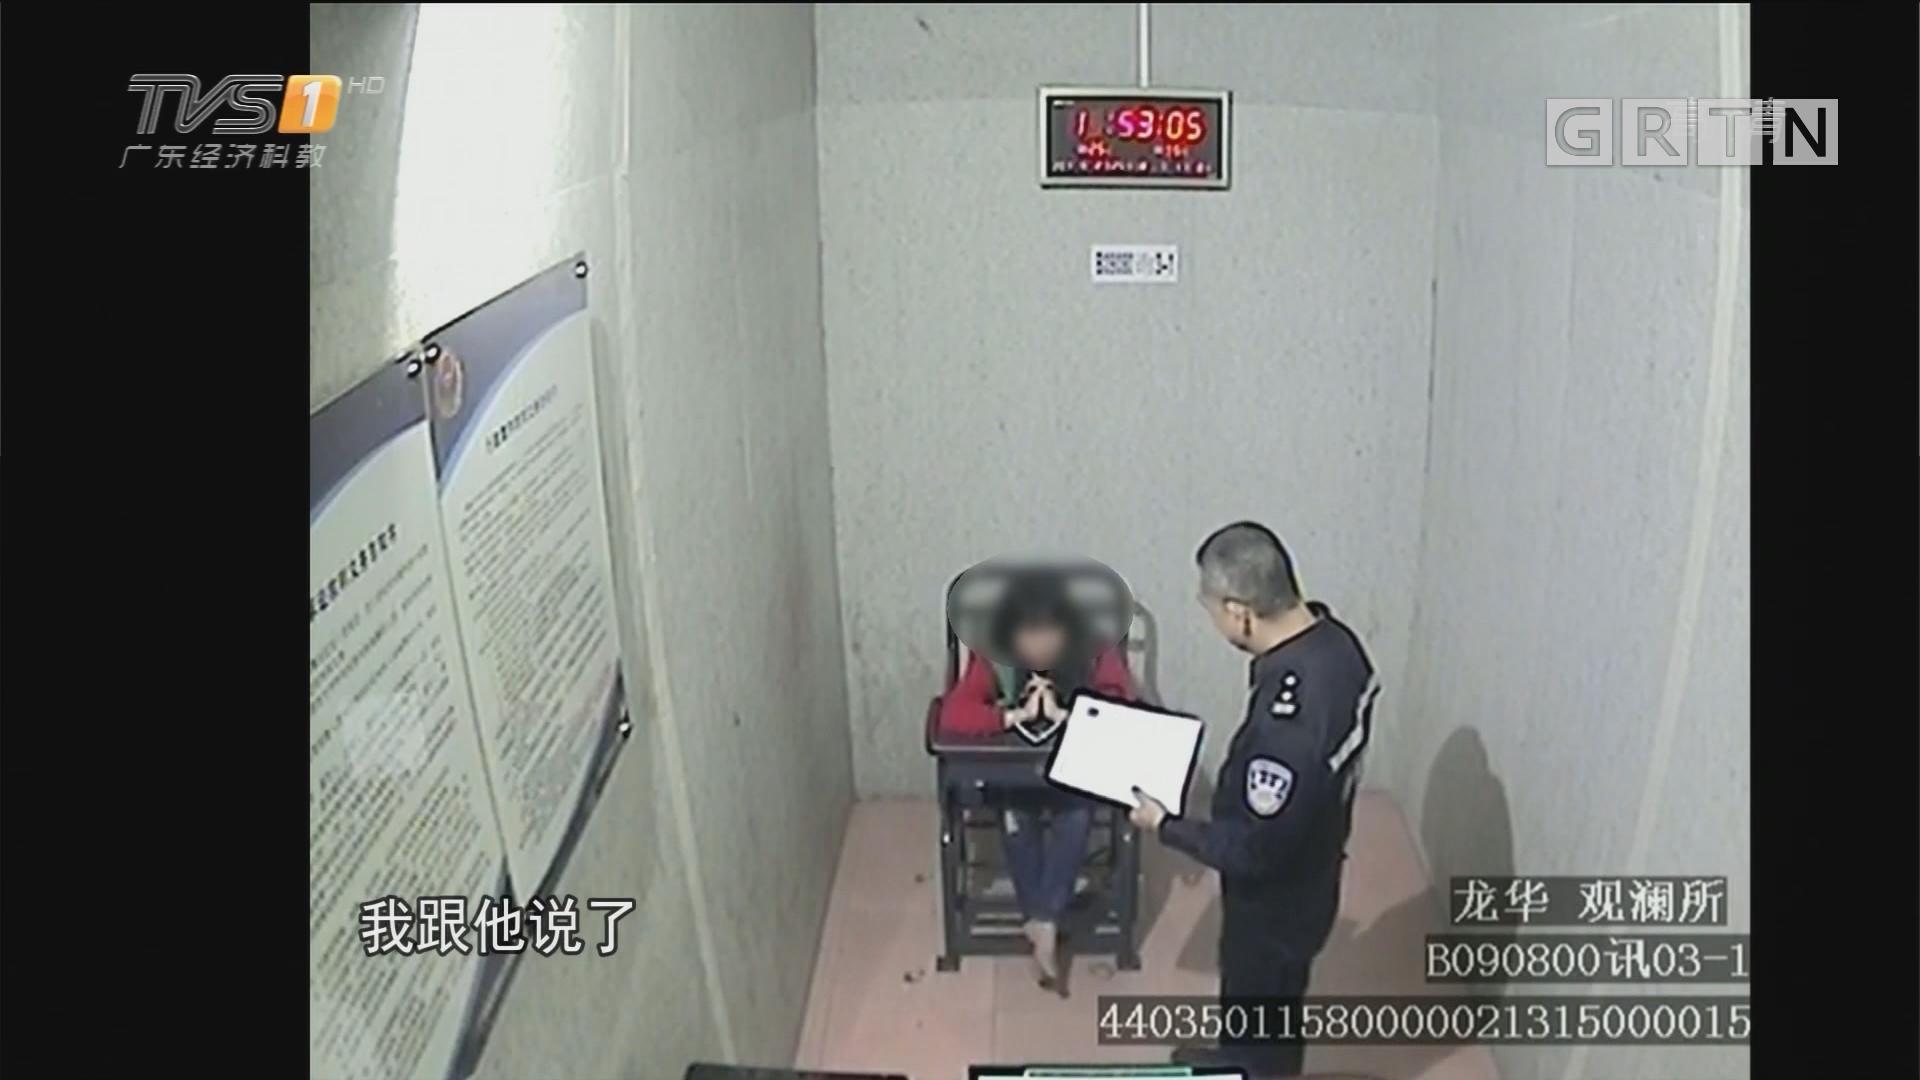 深圳:女子报假警 被警方依法处理